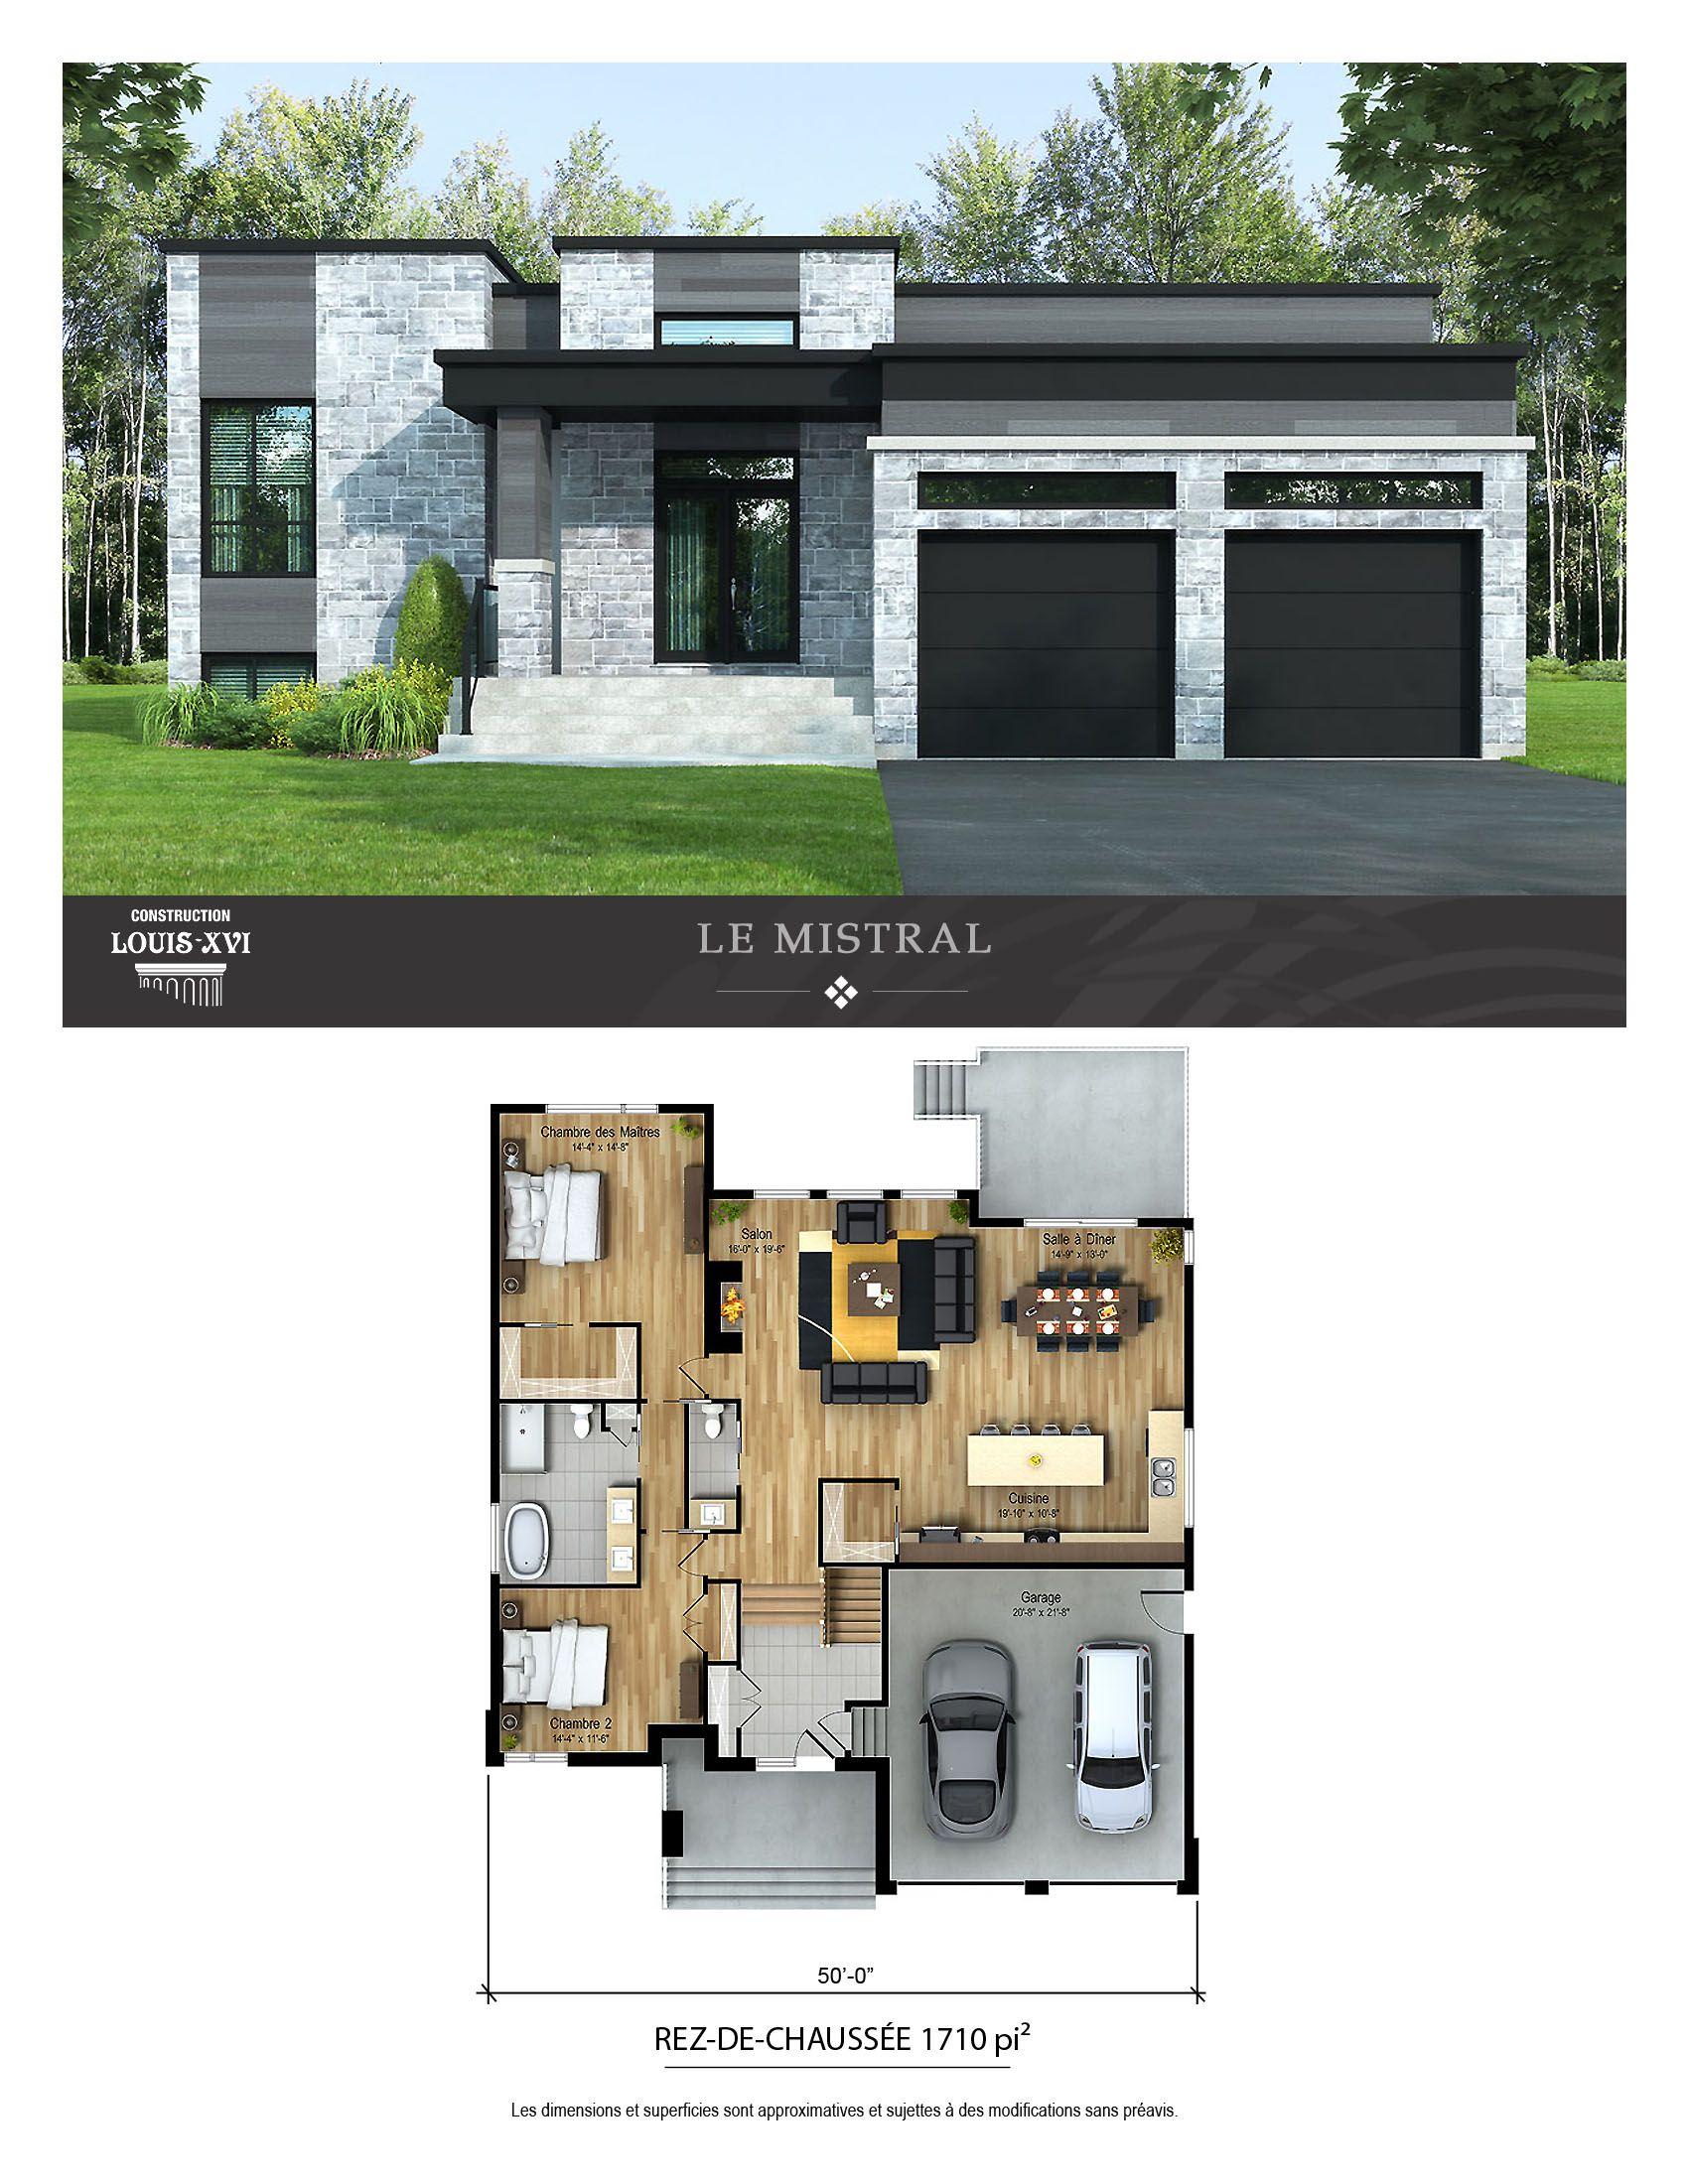 Maisons Neuves Avec Toits Plats A Vendre Construction Louis Seize Construction Maison Moderne Plans De Maison Bungalow Plan Maison Moderne